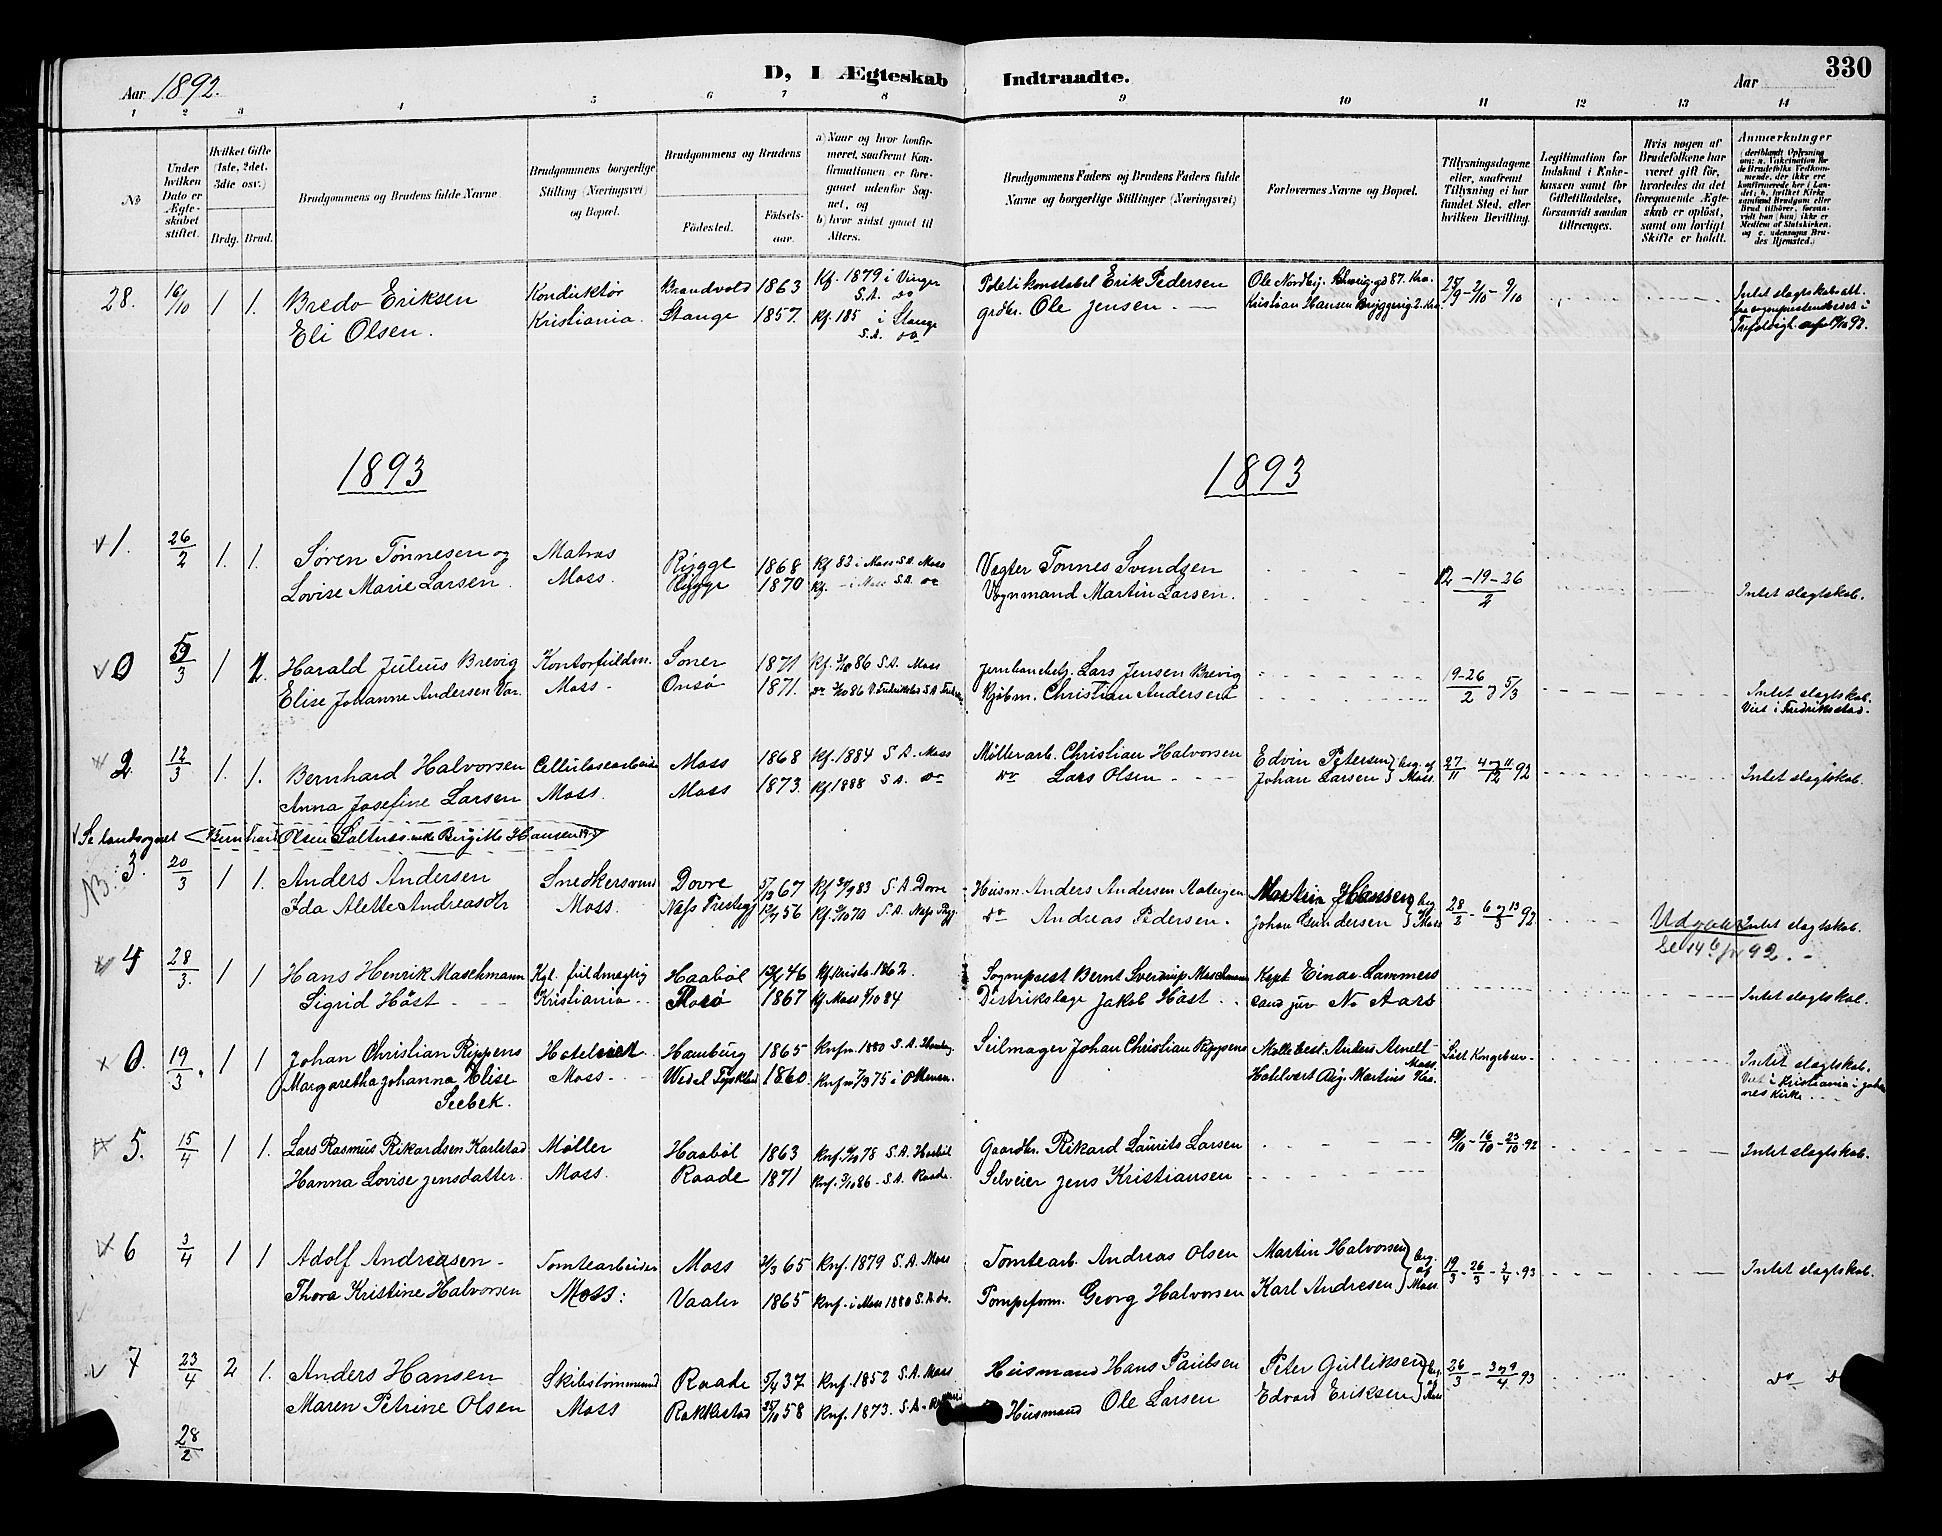 SAO, Moss prestekontor Kirkebøker, G/Ga/L0006: Klokkerbok nr. I 6, 1889-1900, s. 330